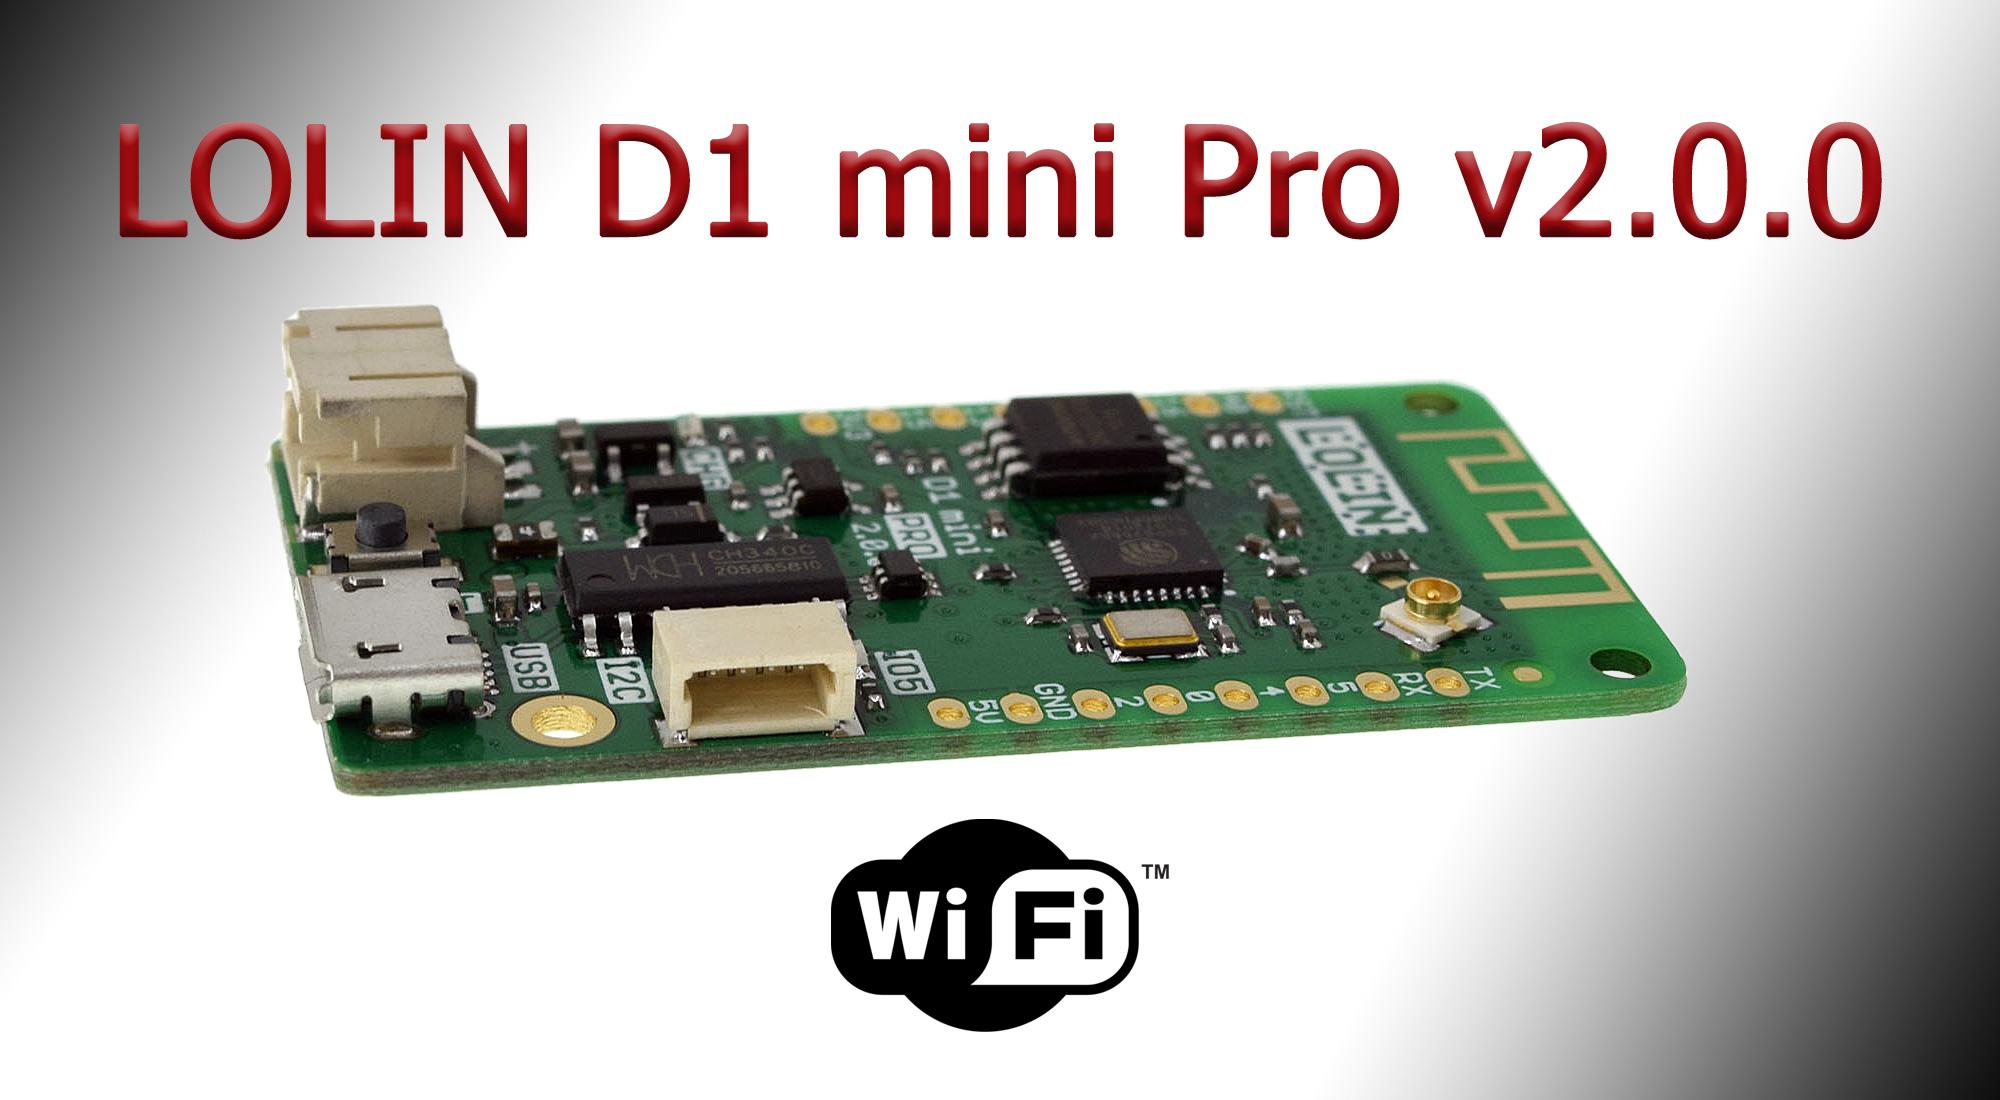 WEMOS Electronics LOLIN D1 mini Pro v2.0.0